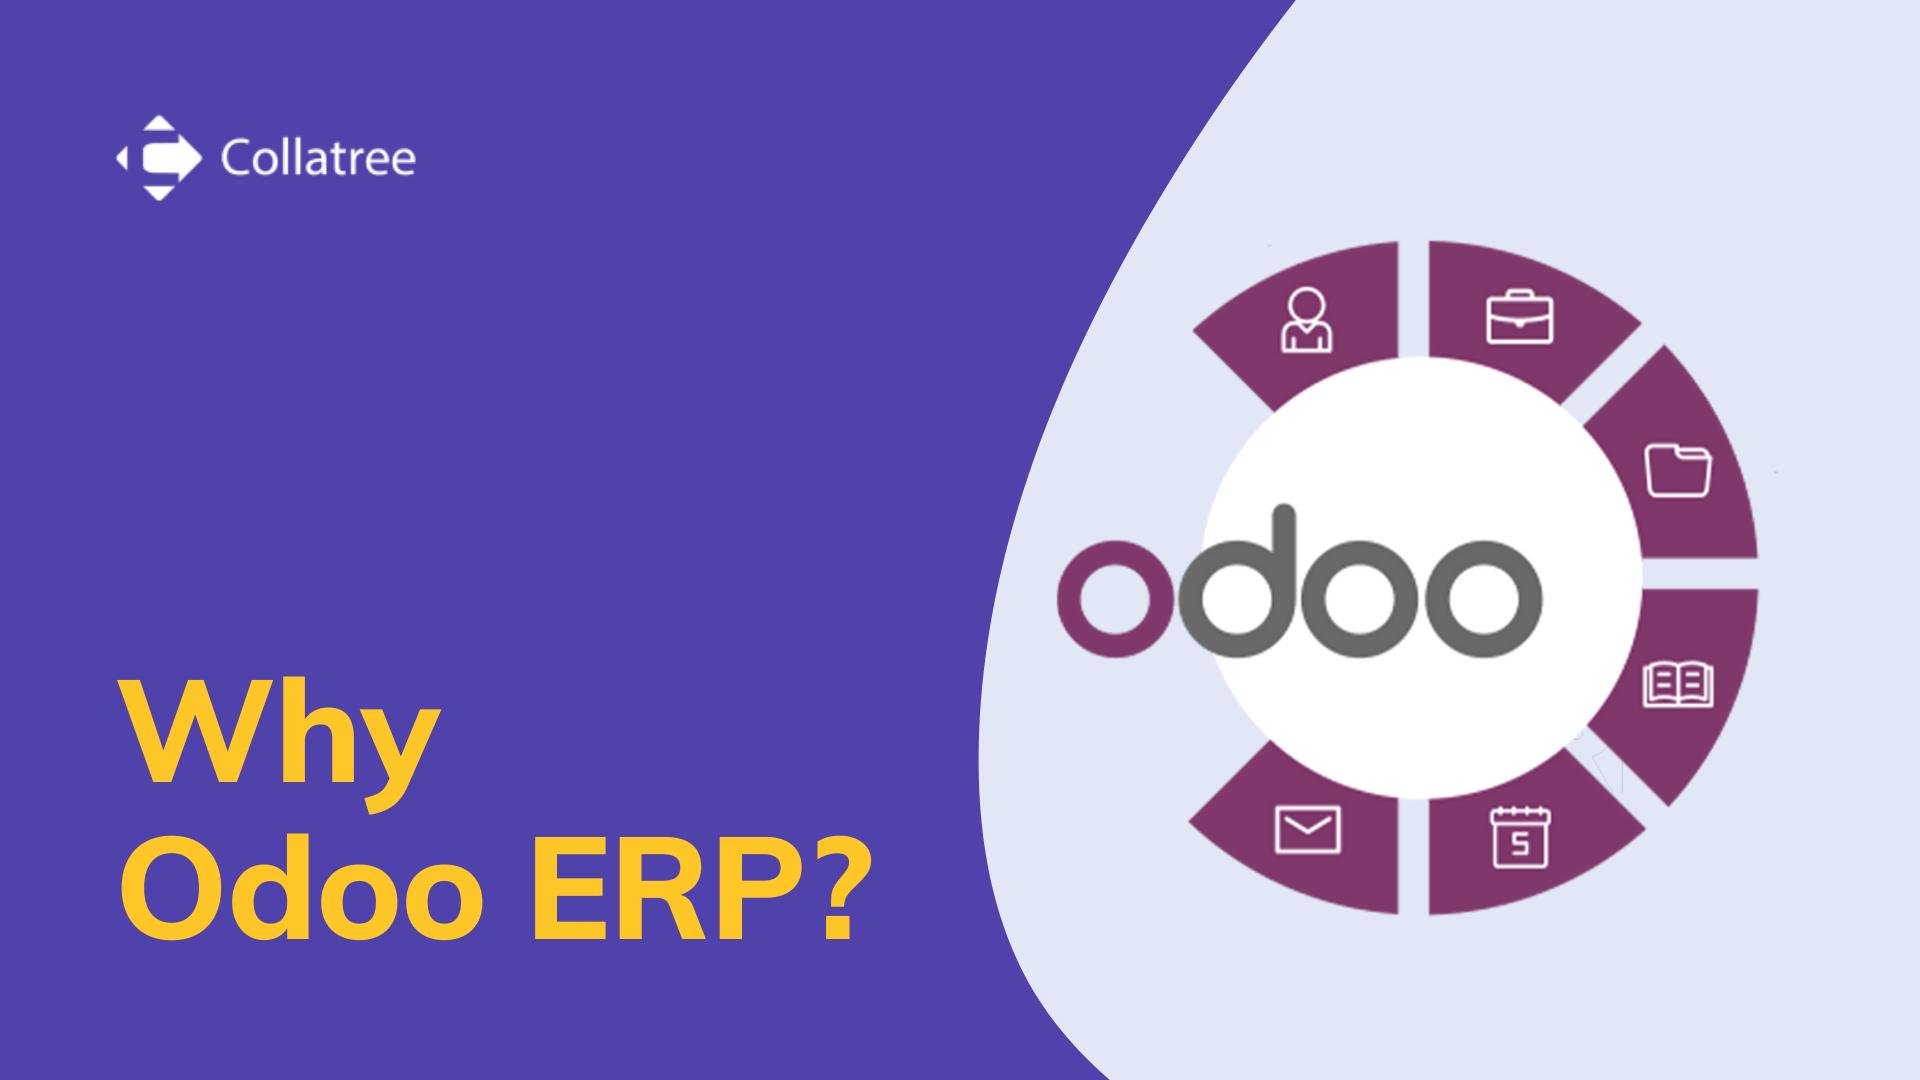 Why Odoo ERP?